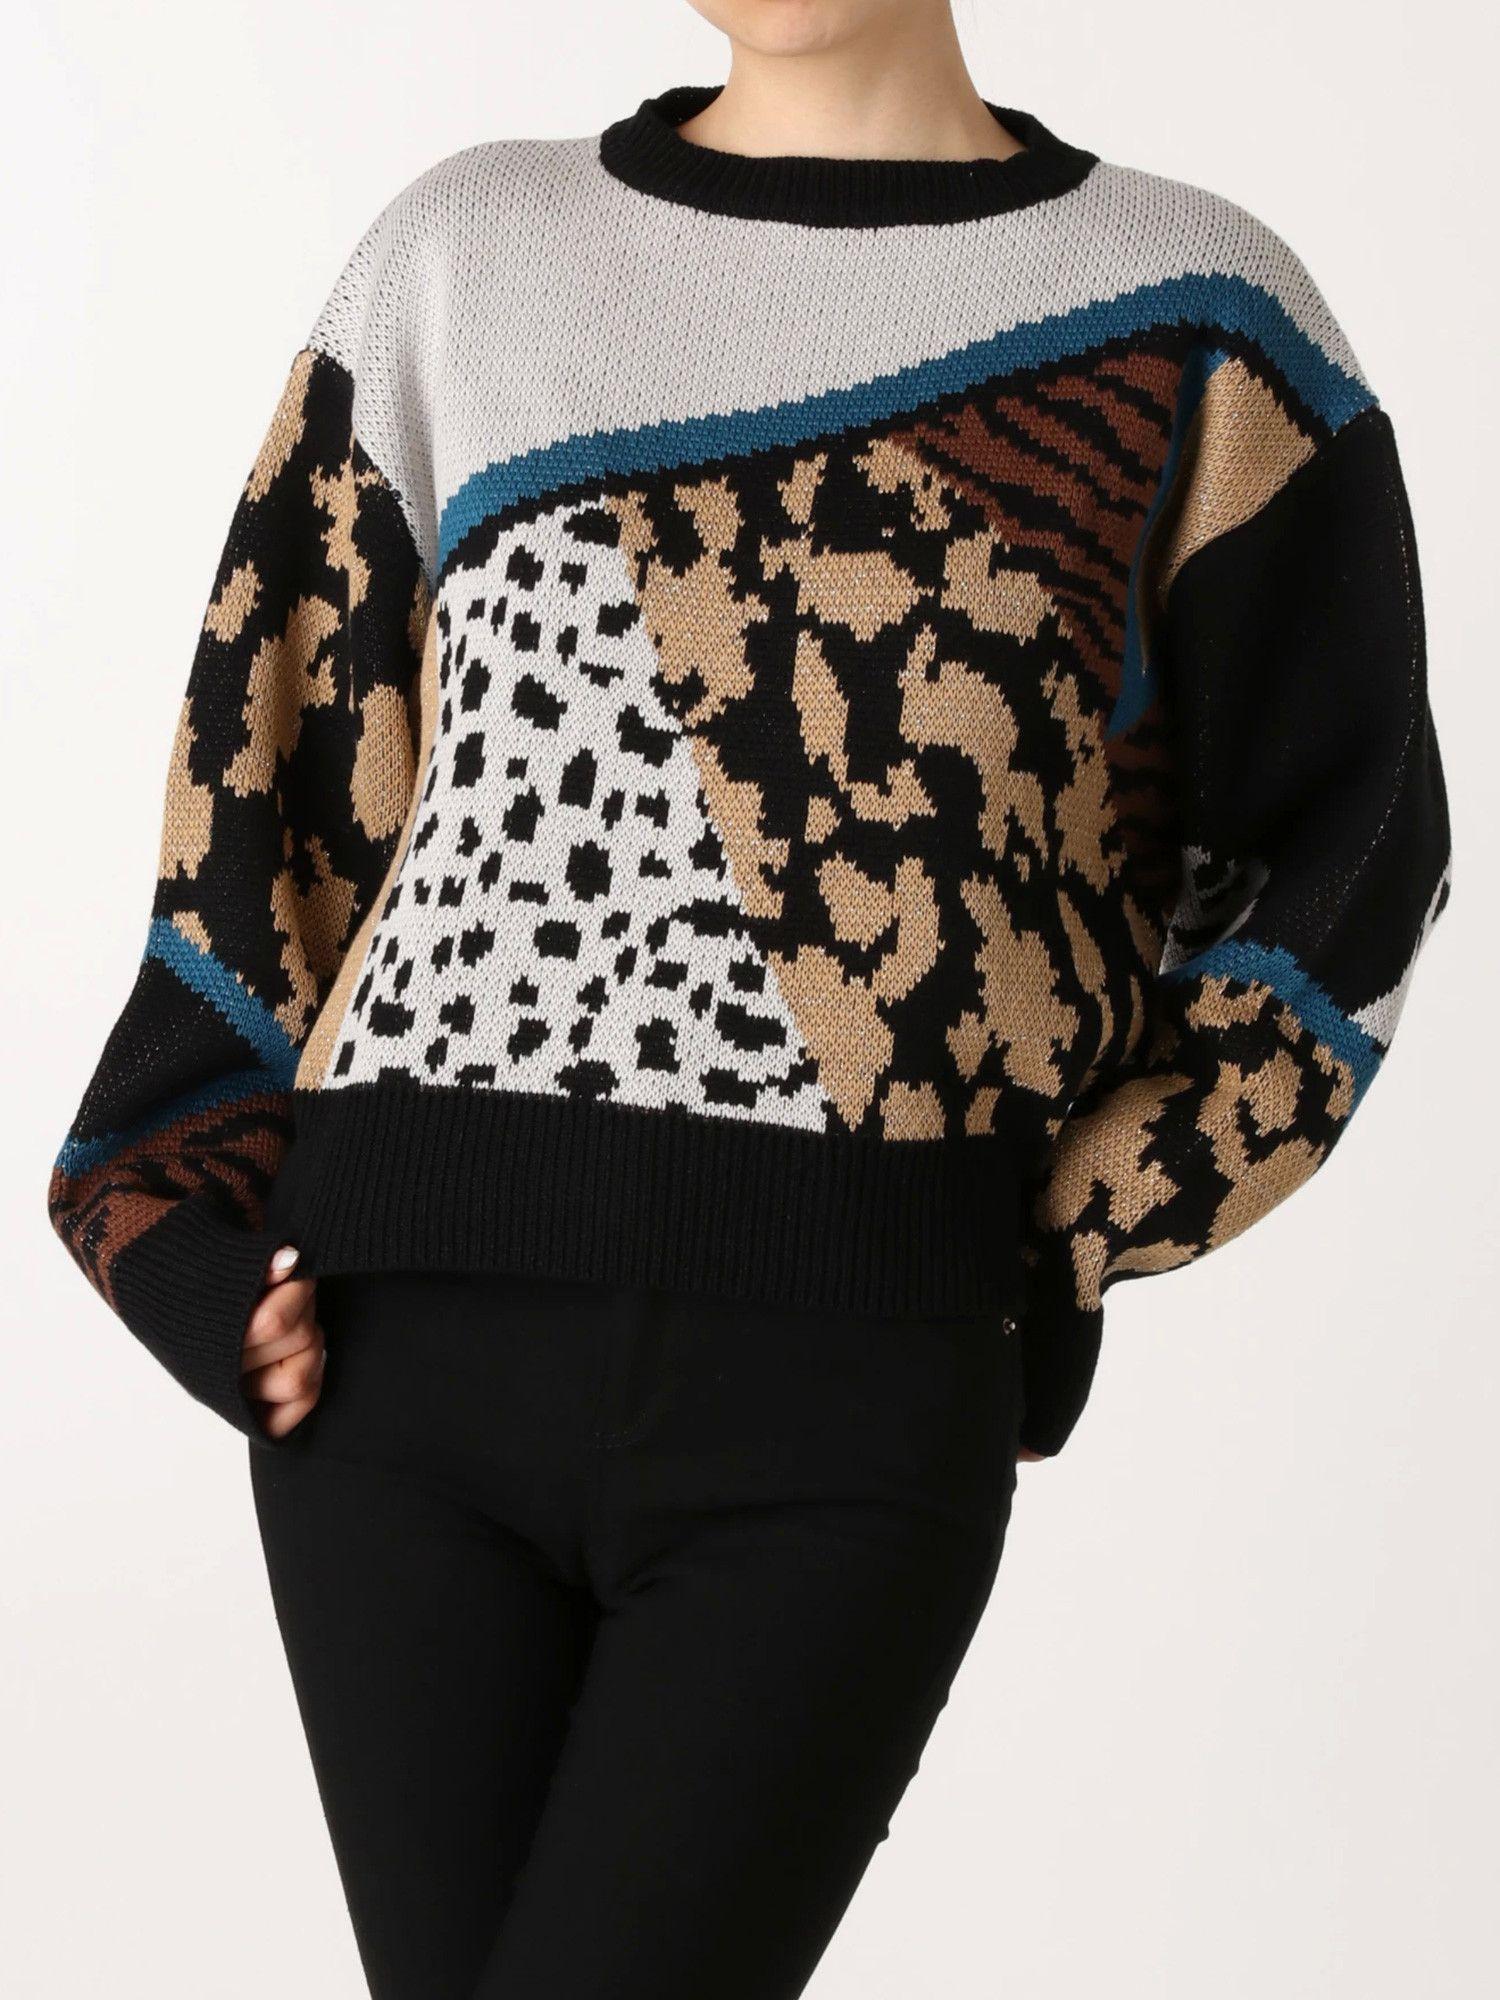 Blocking jacquard short knit pullover